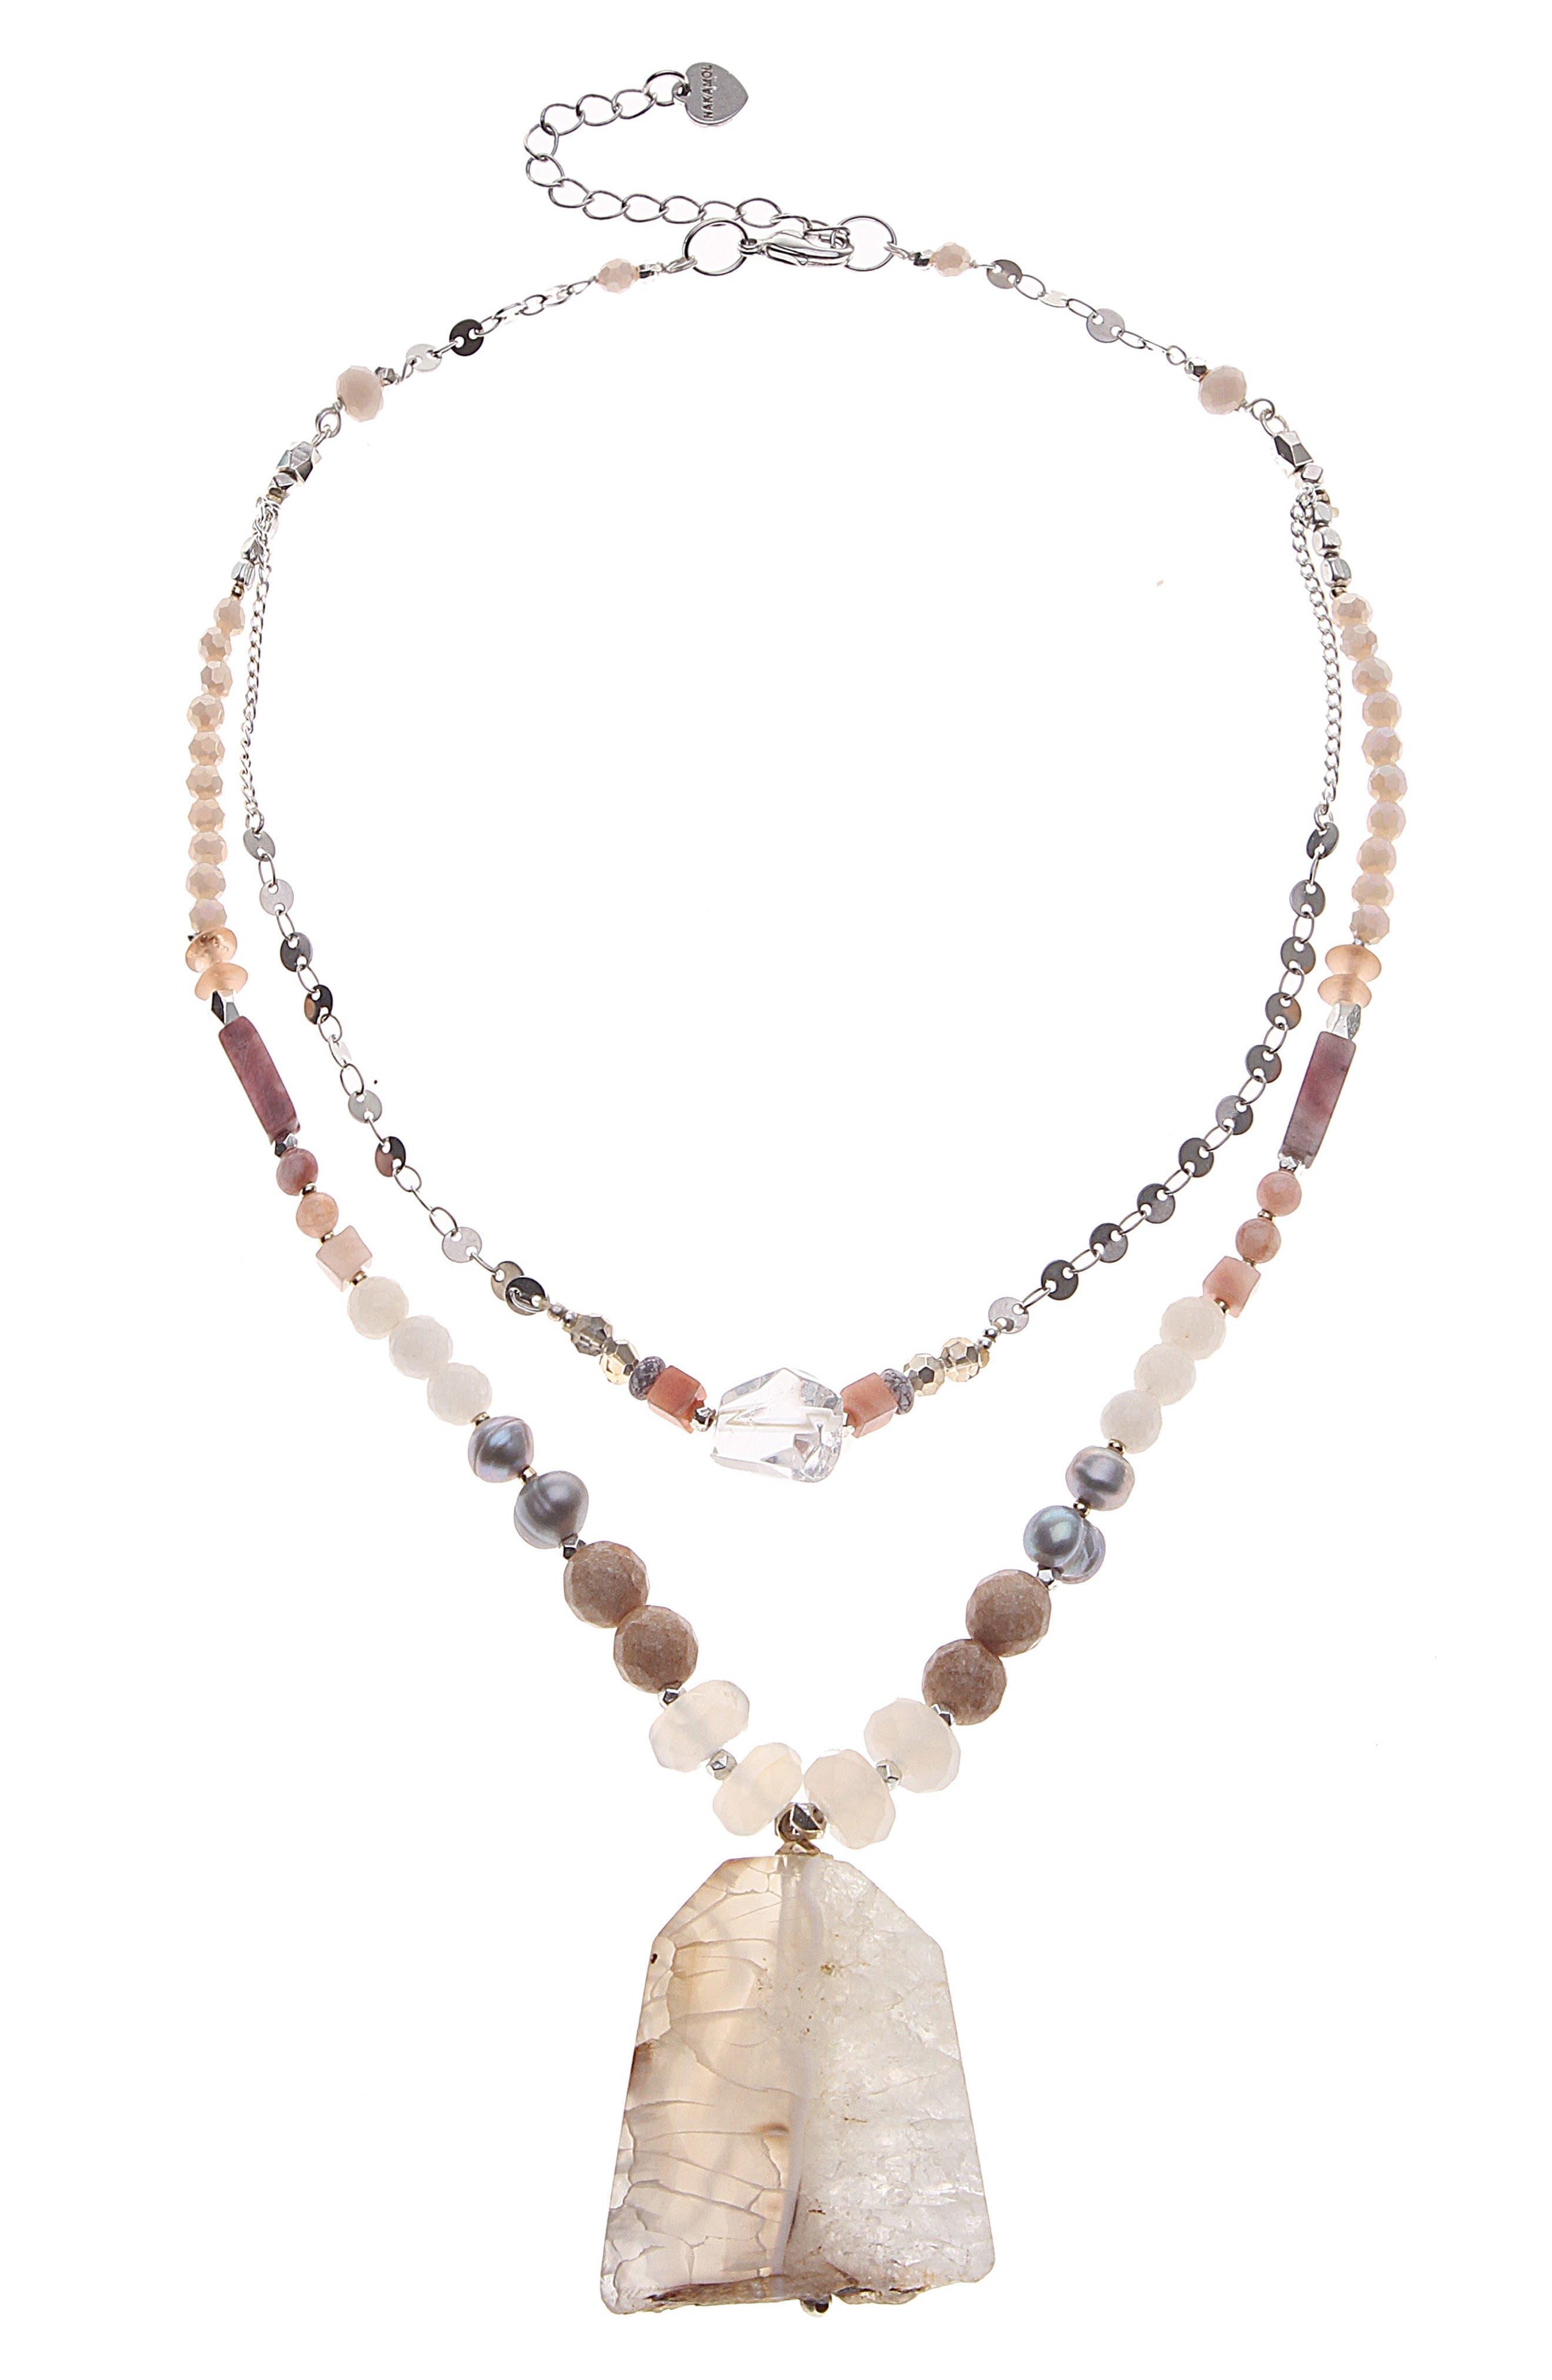 Quartz & Agate 2 Layer Statement Necklace,                         Main,                         color, Nude